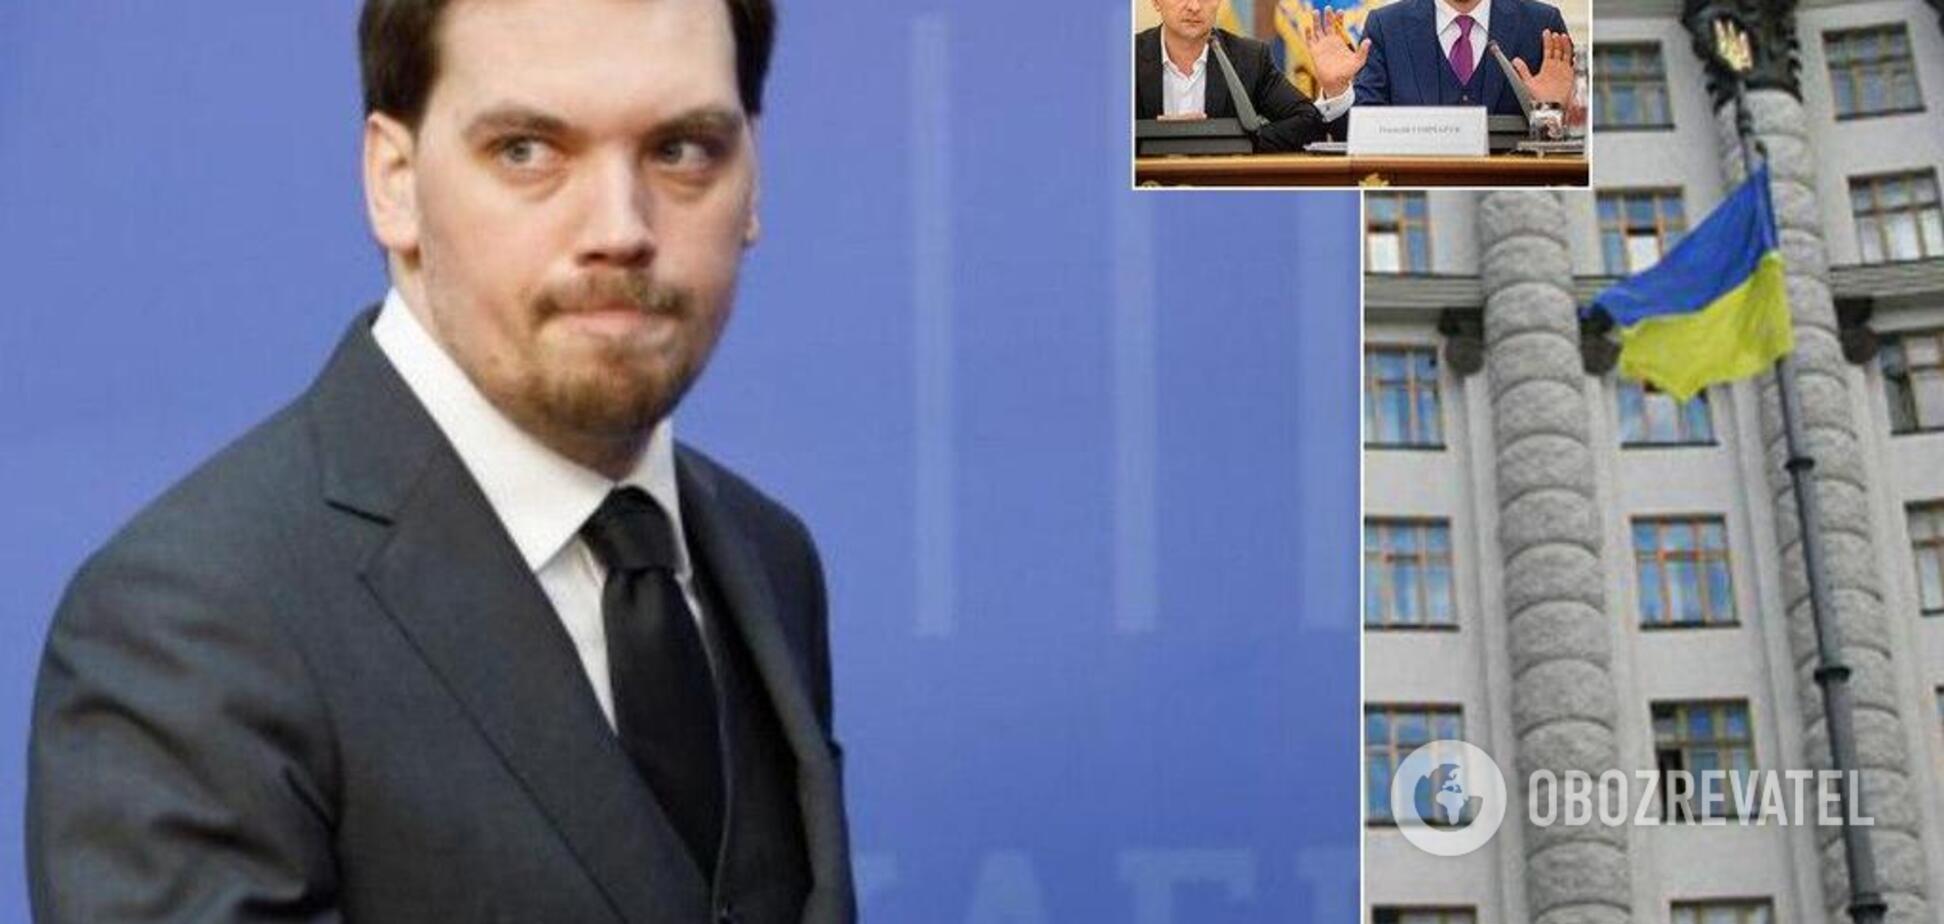 Гончарук подал в отставку: поддержит ли Зеленский и что будет дальше